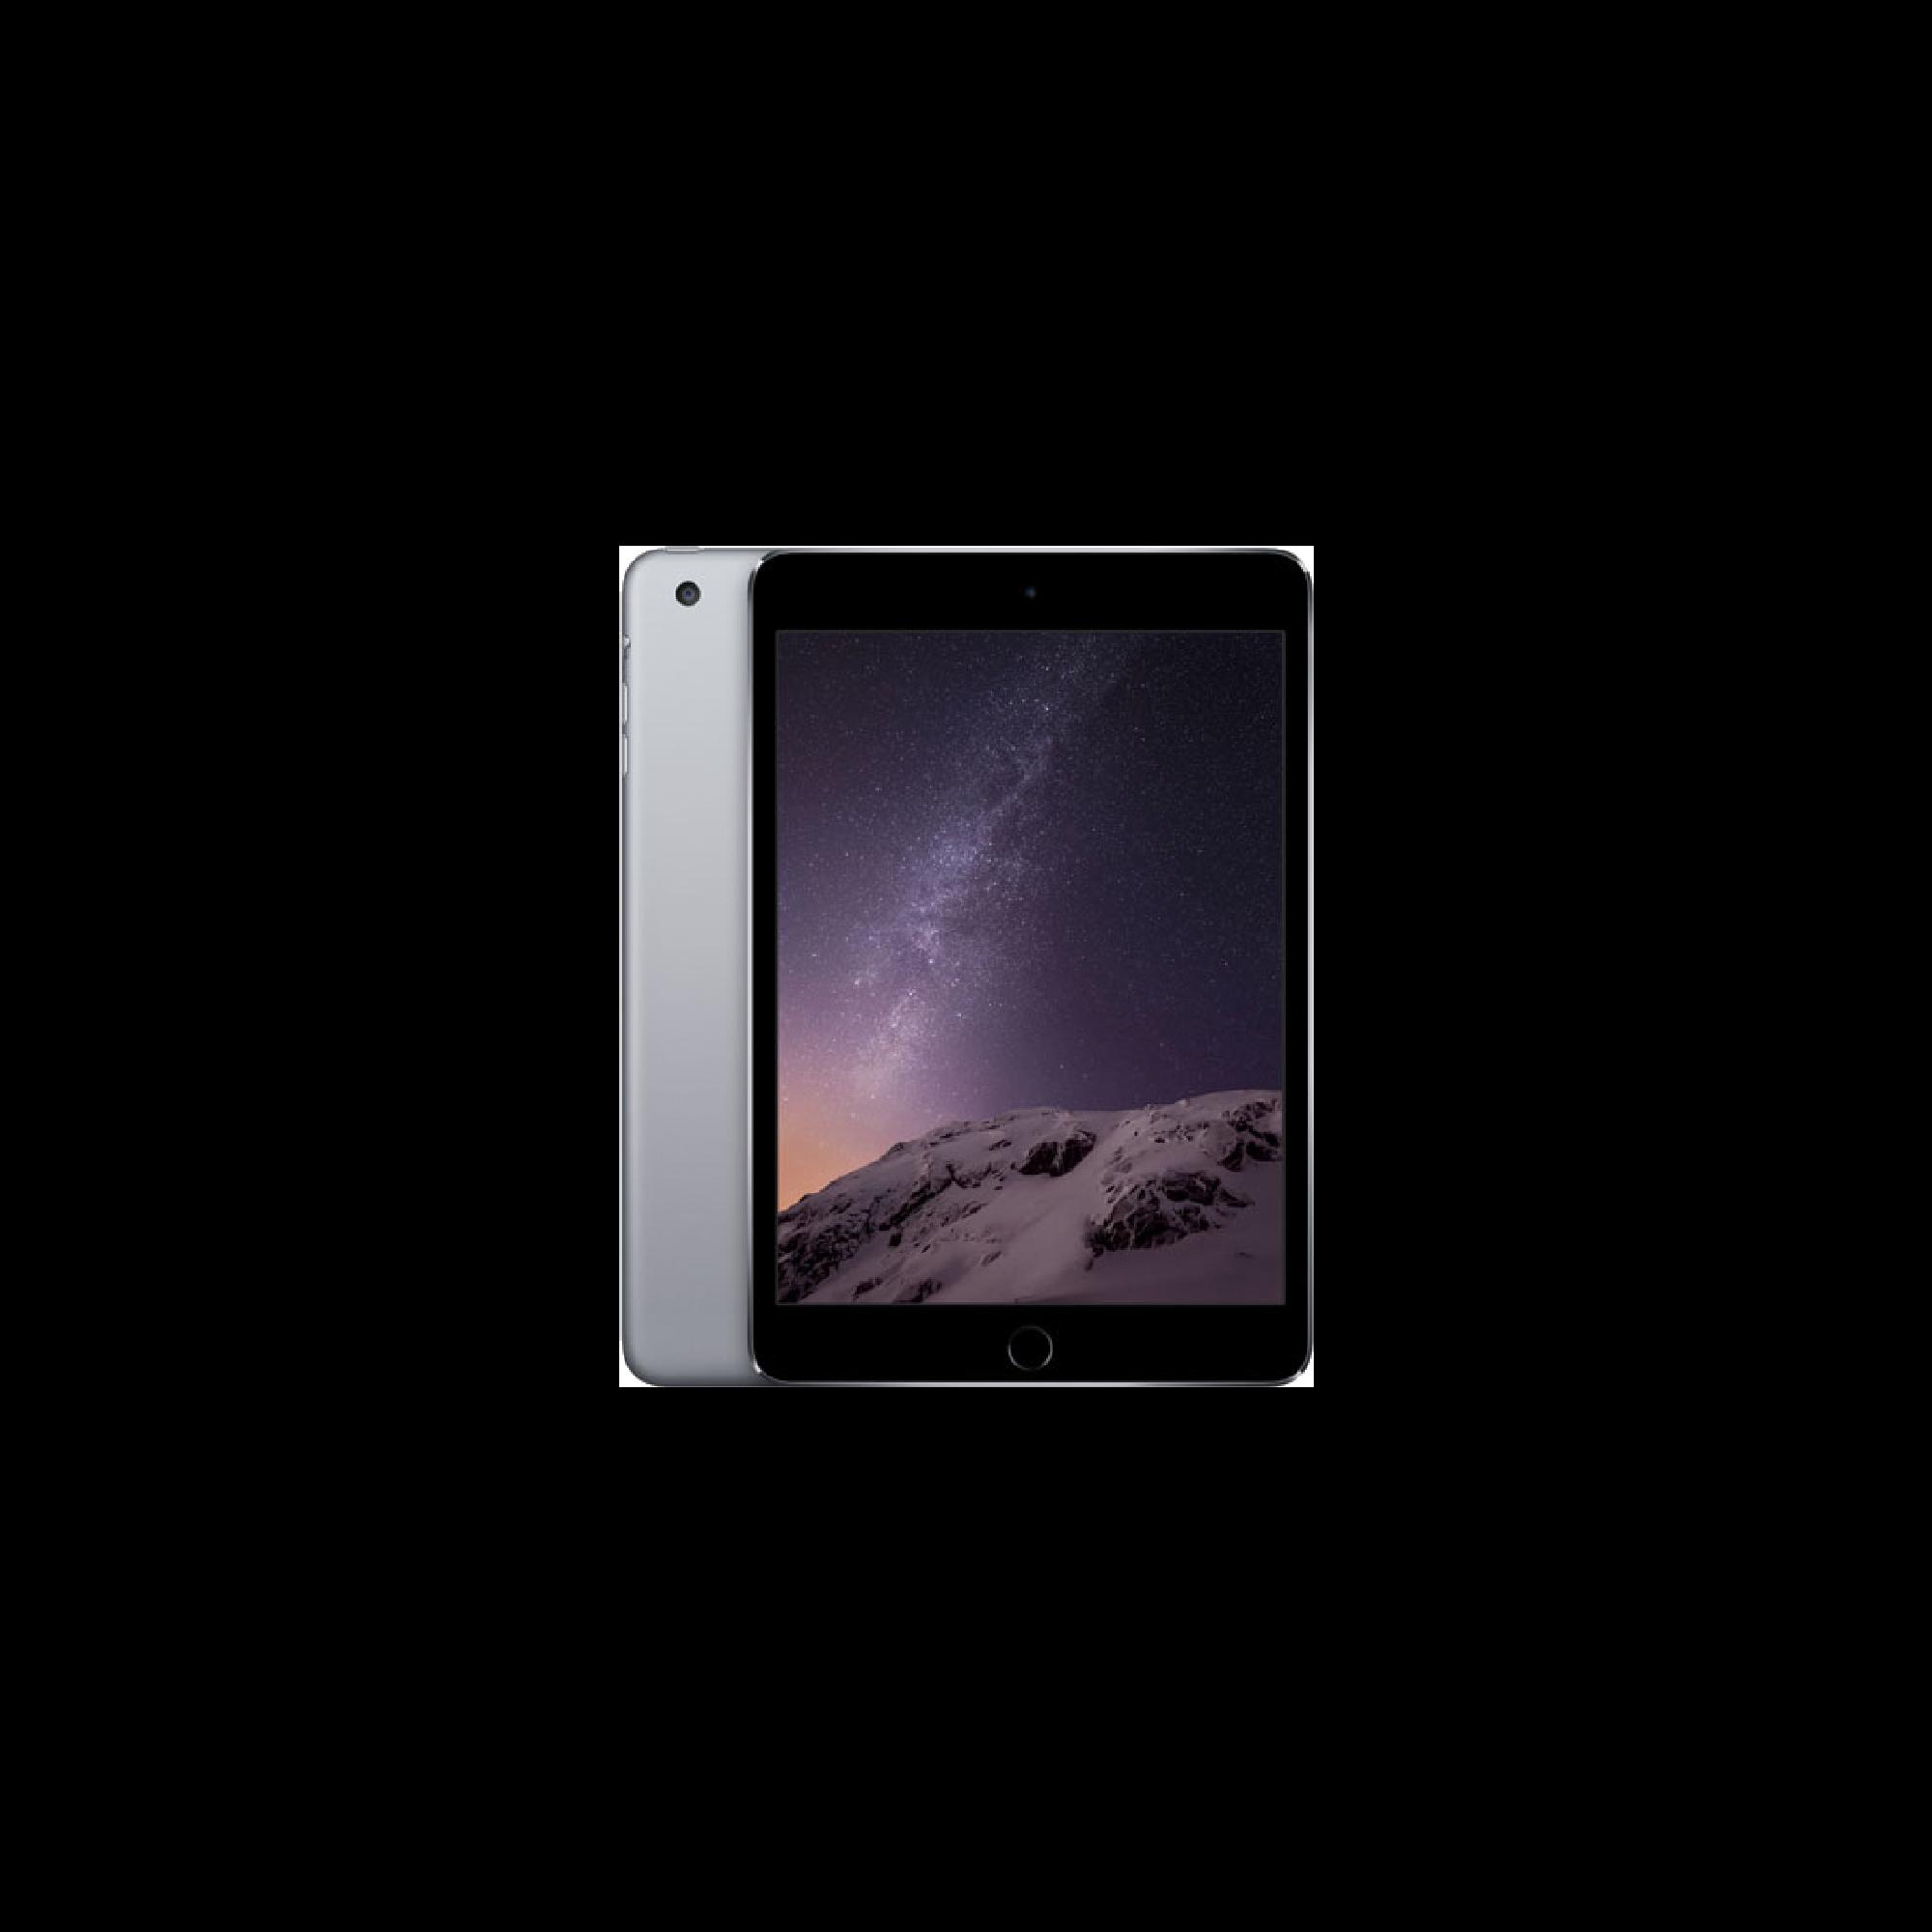 iPad Mini 3 | $90 + tax